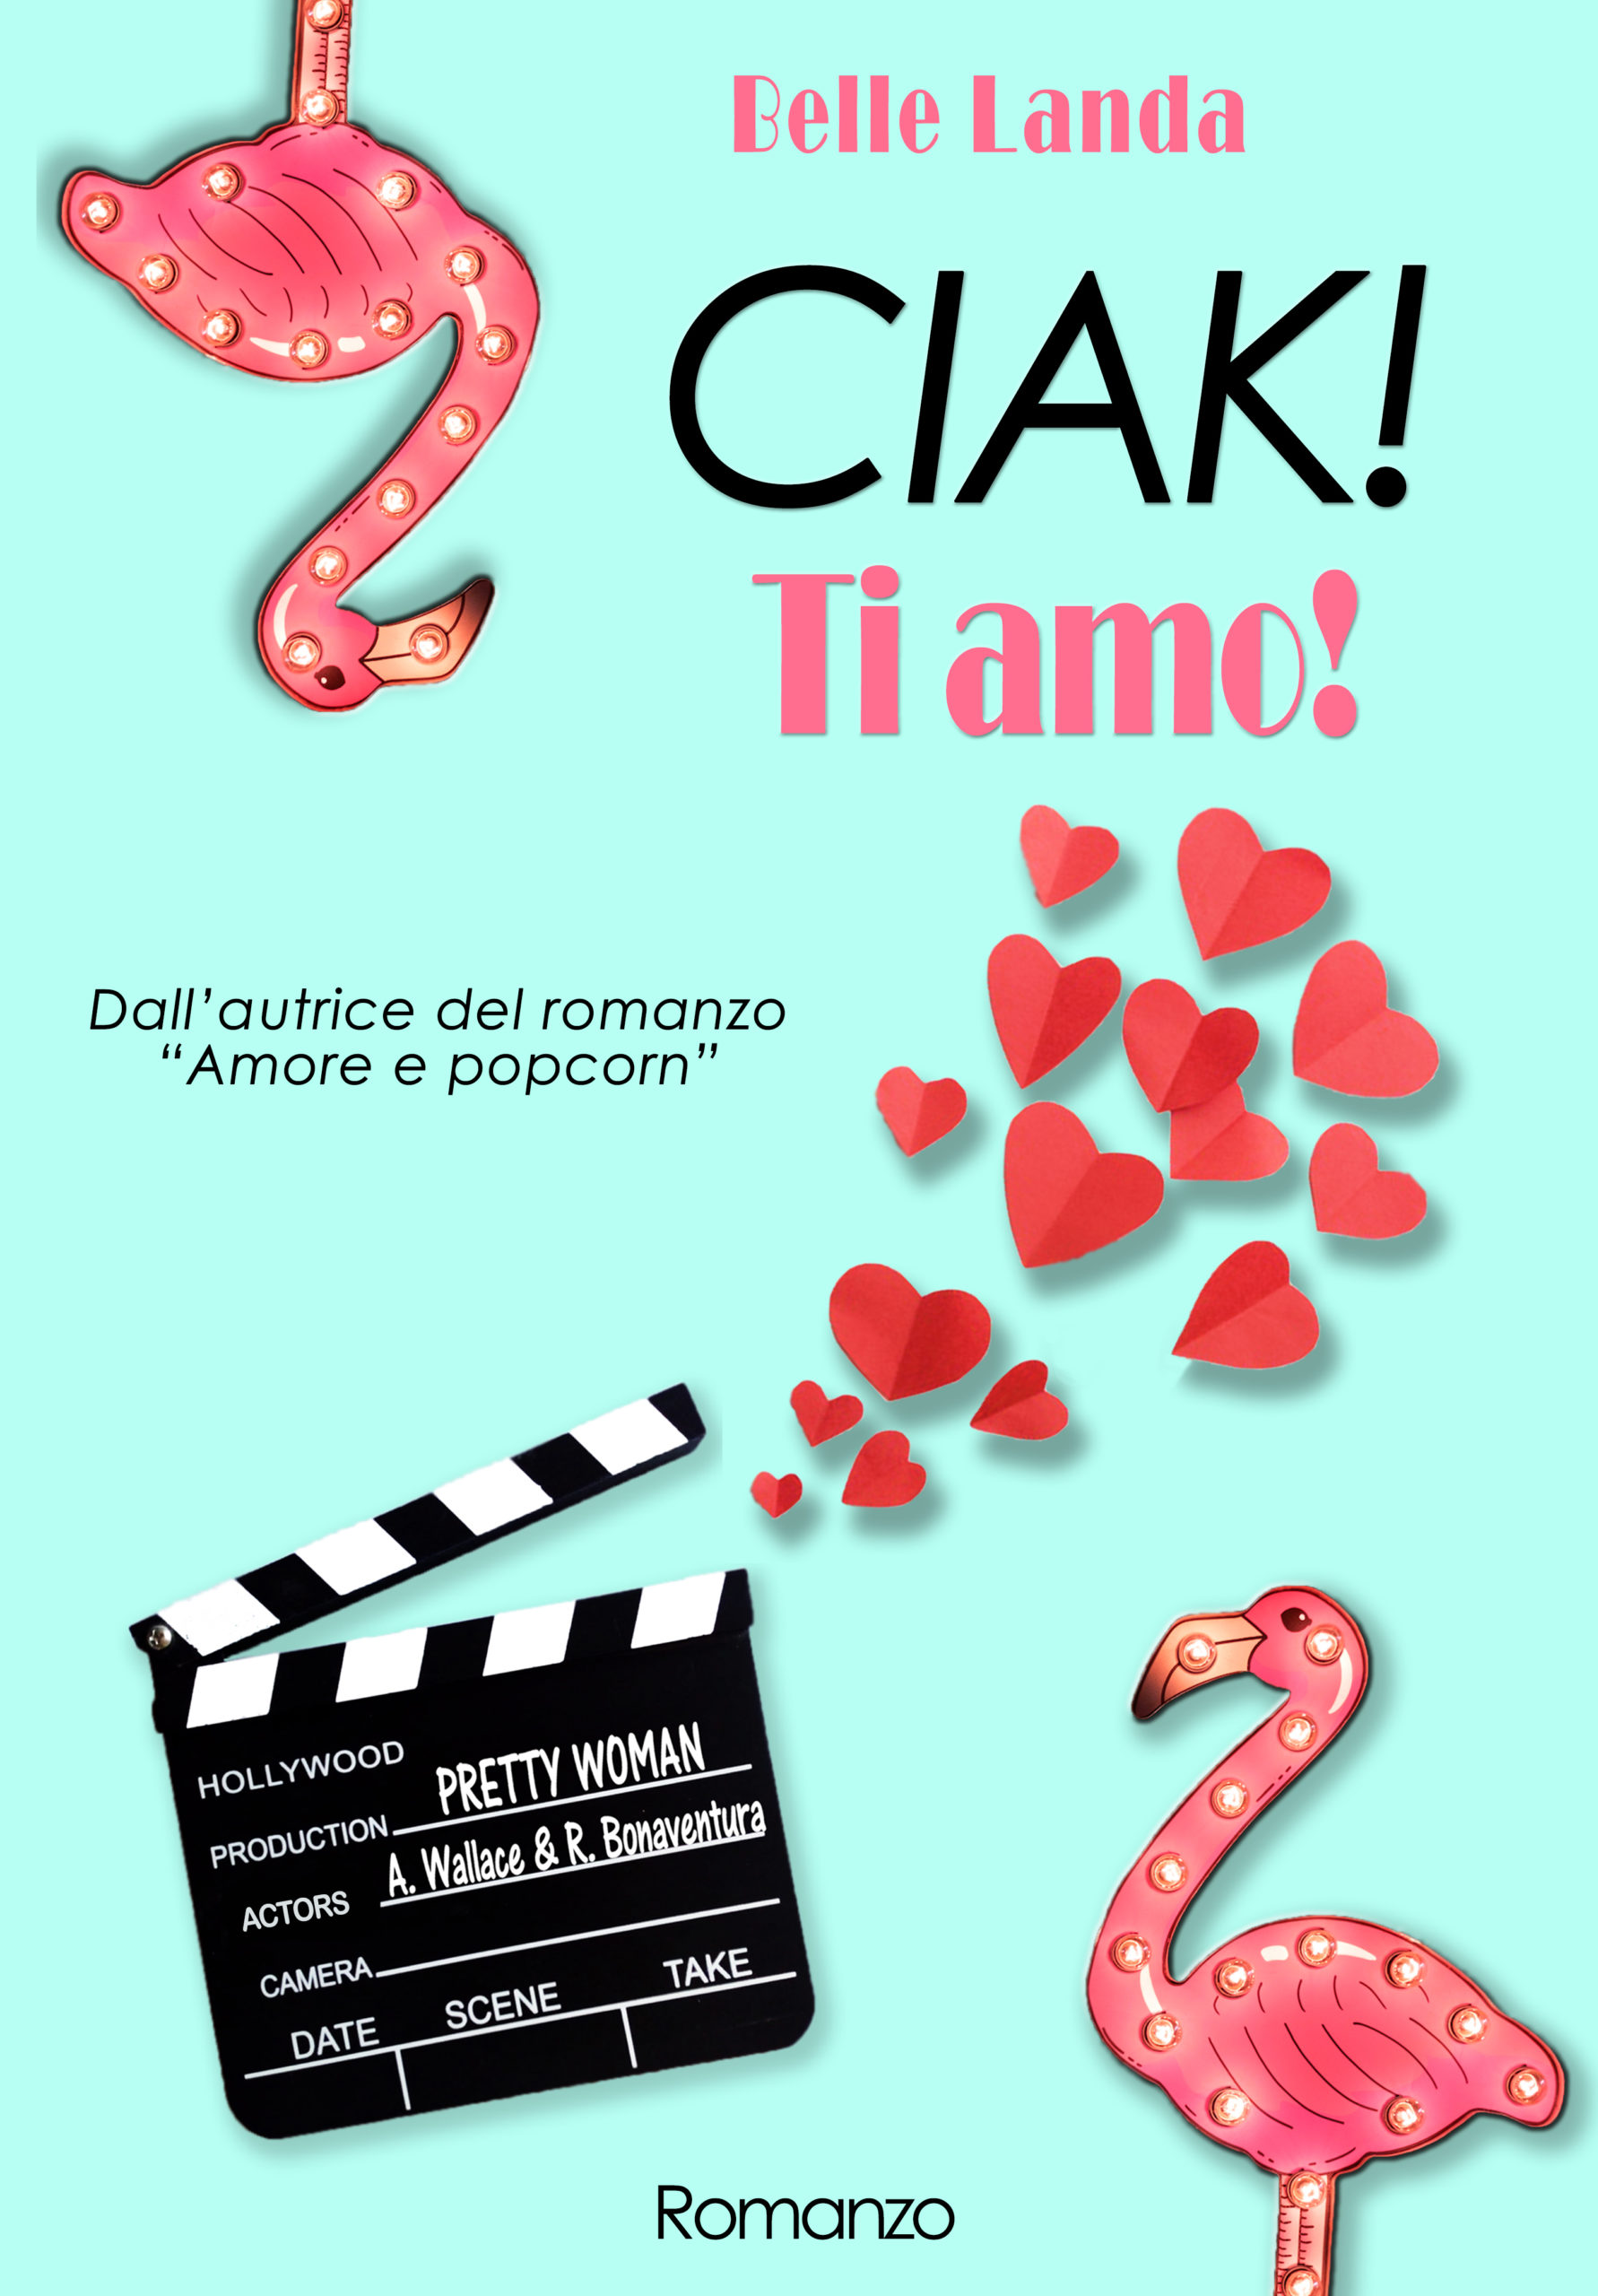 """Segnalazione: dalla stessa autrice di """"Amore e pop corn""""  arriva """" Ciak! Ti Amo!"""" di Belle Landa disponibile su amazon dal 12 Agosto 2020"""